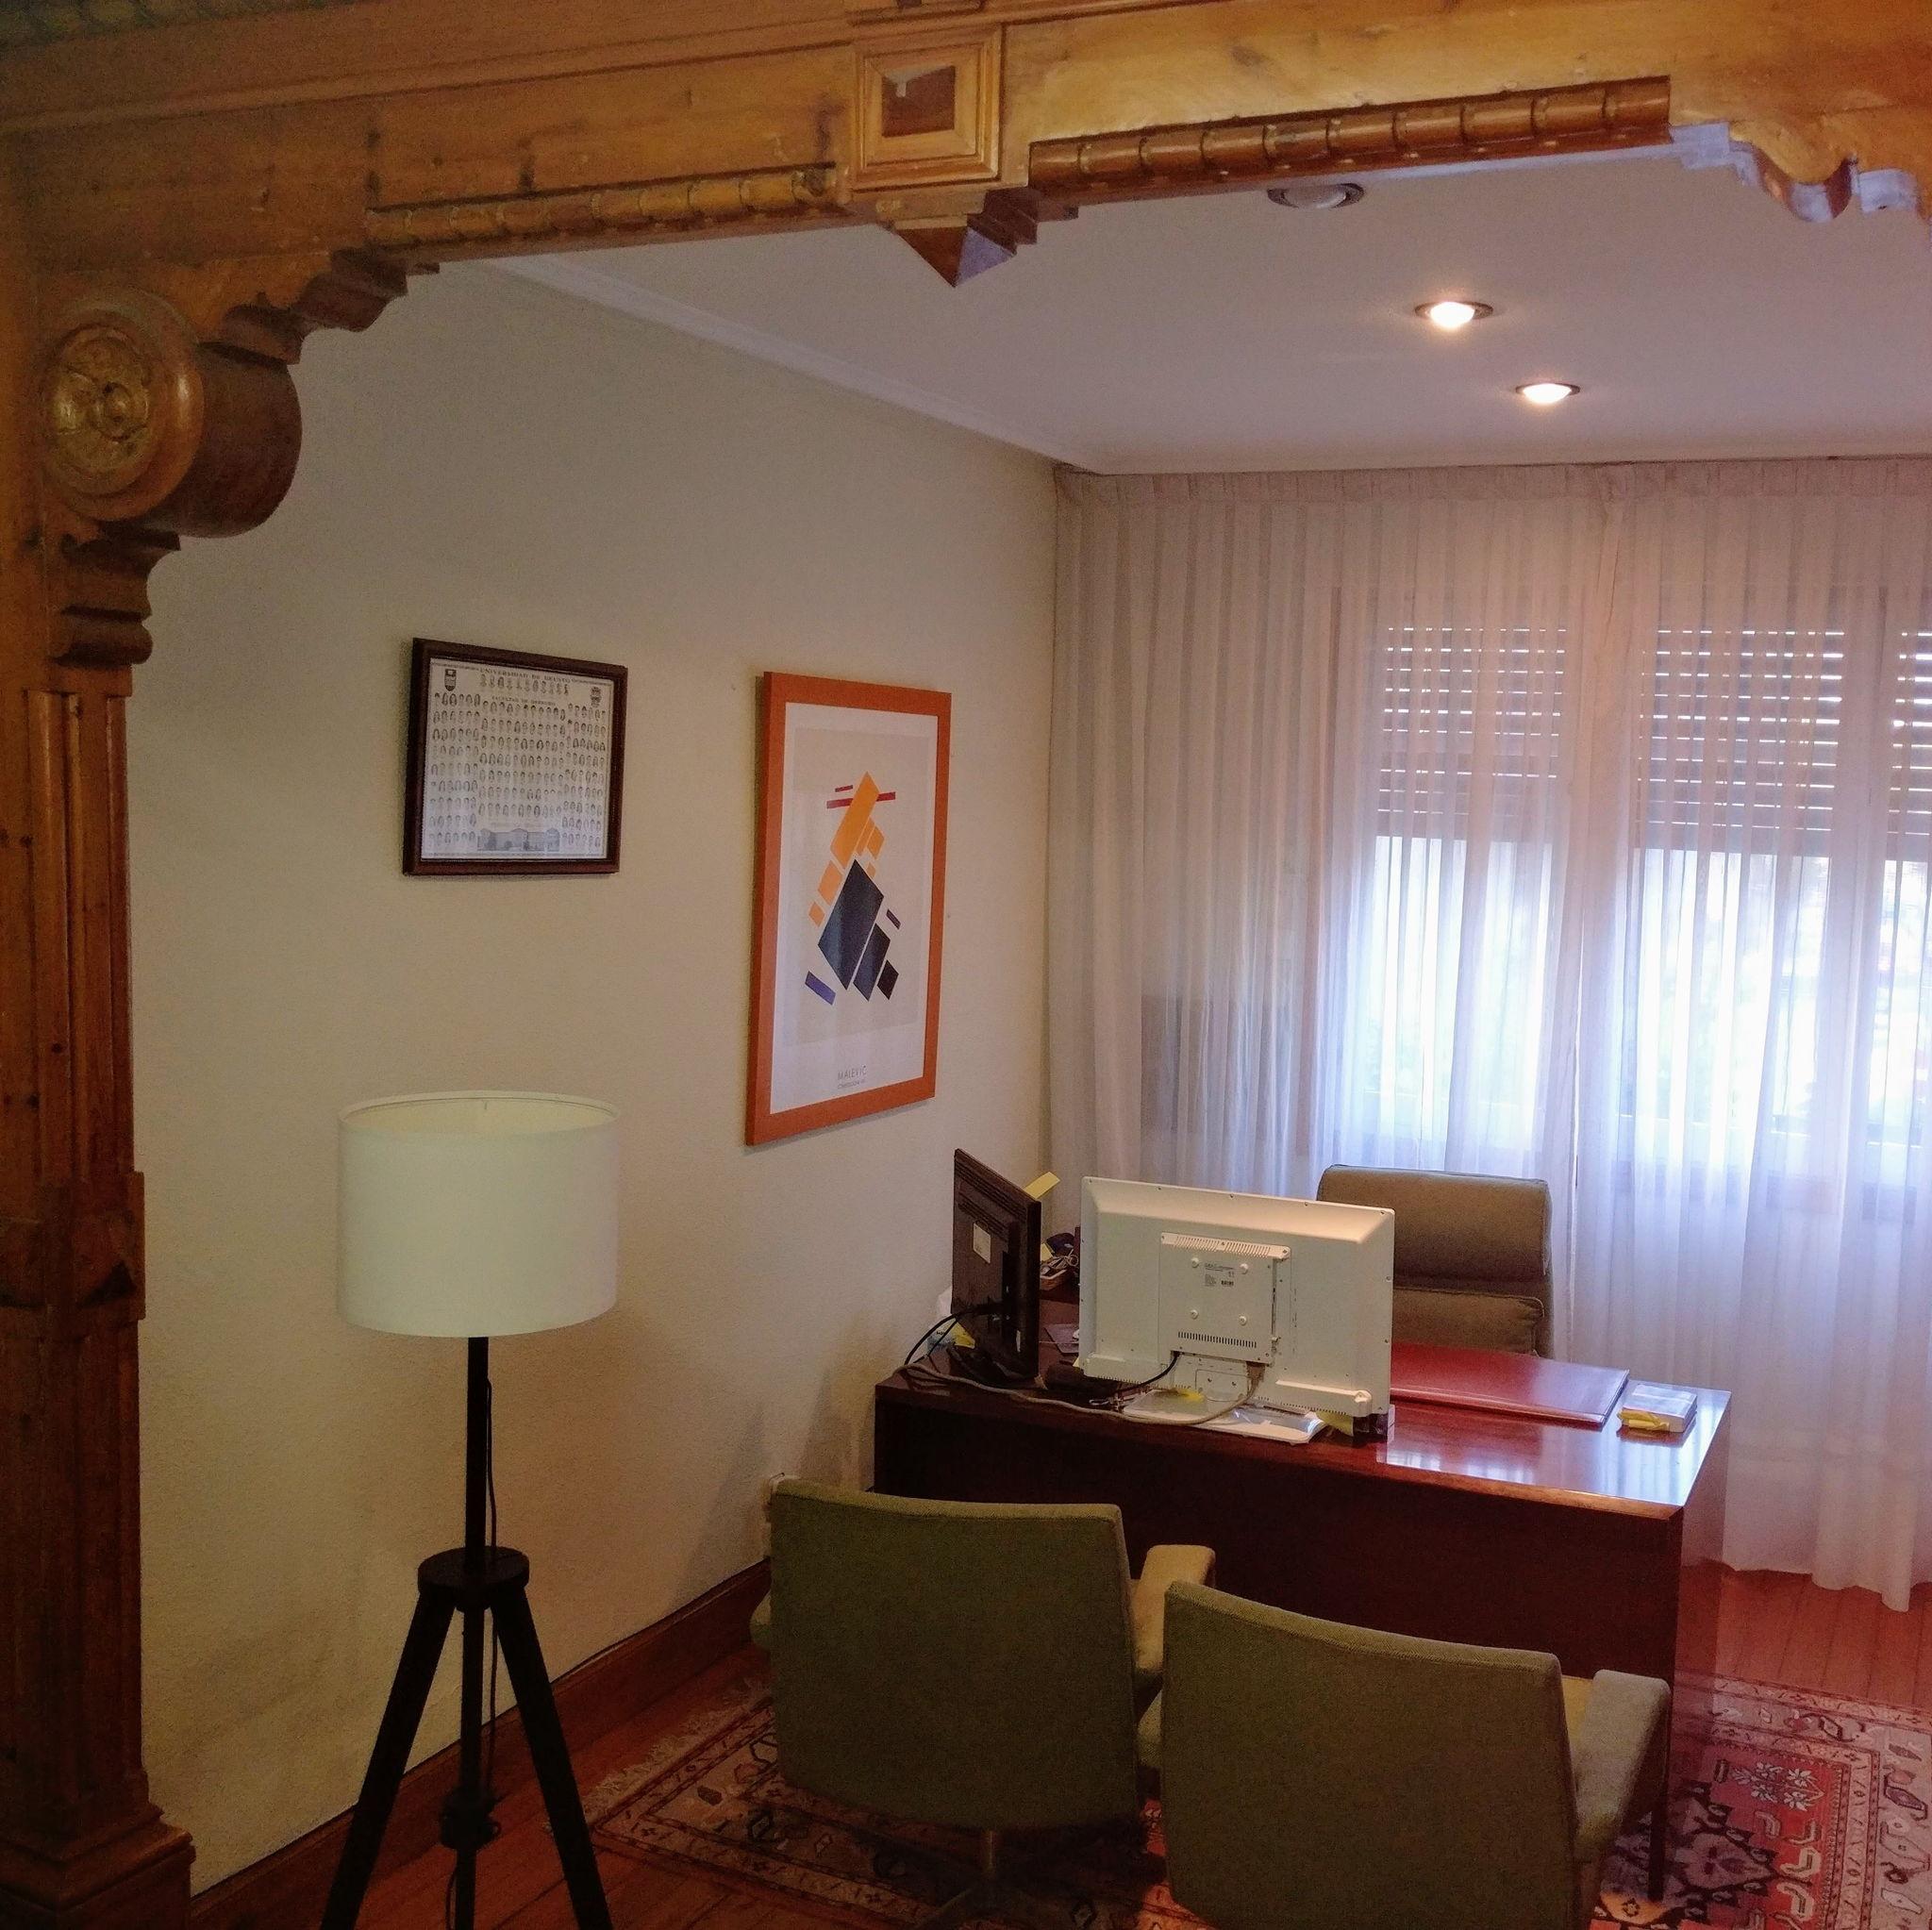 La ventana del despacho da sobre la misma entrada de los Juzgados de Bilbao. Apenas quince metros de puerta a puerta.